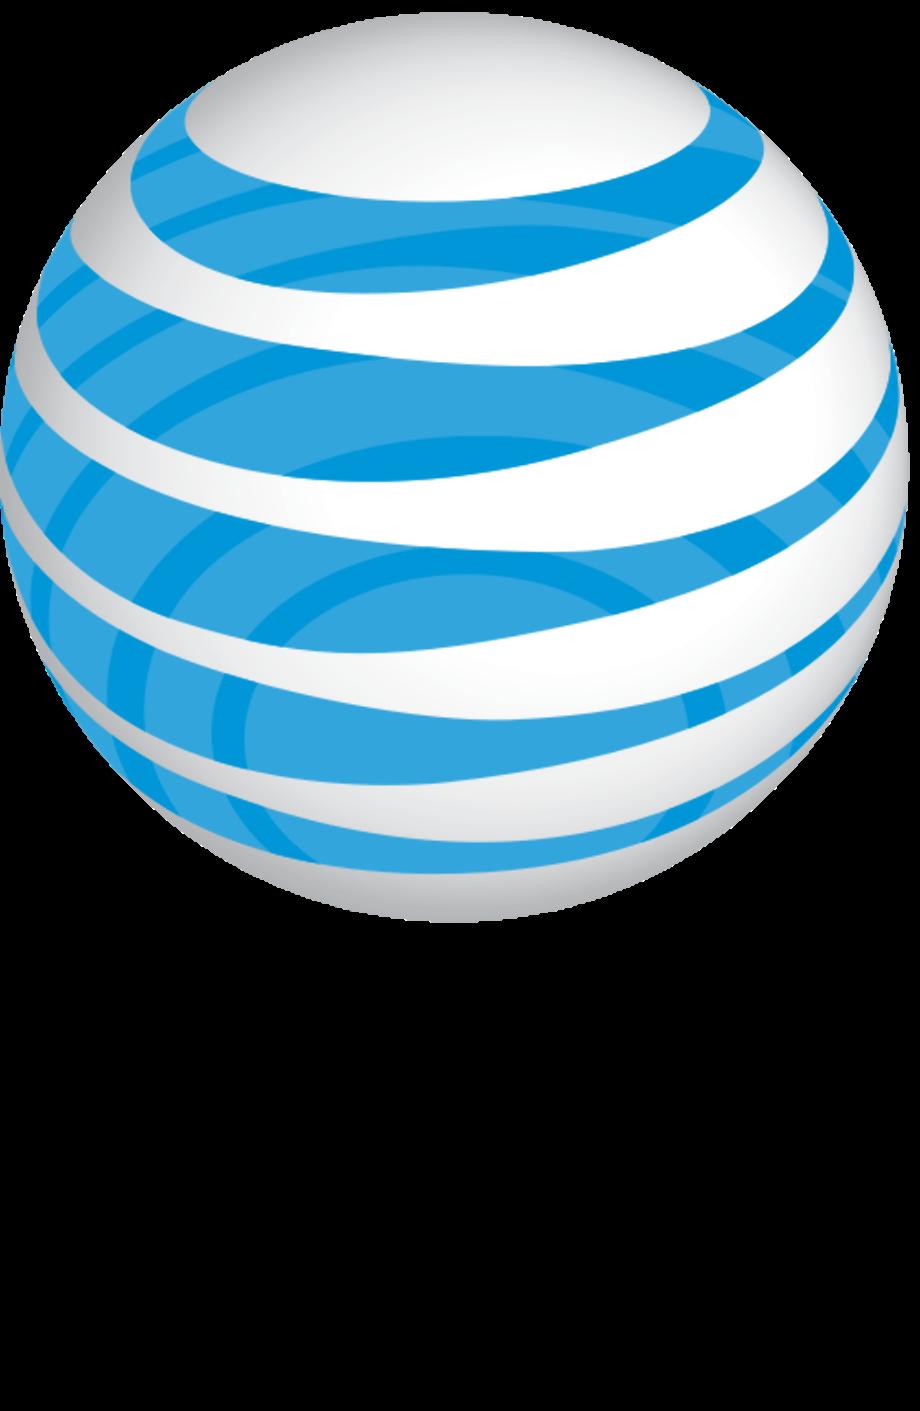 Att logo symbol att